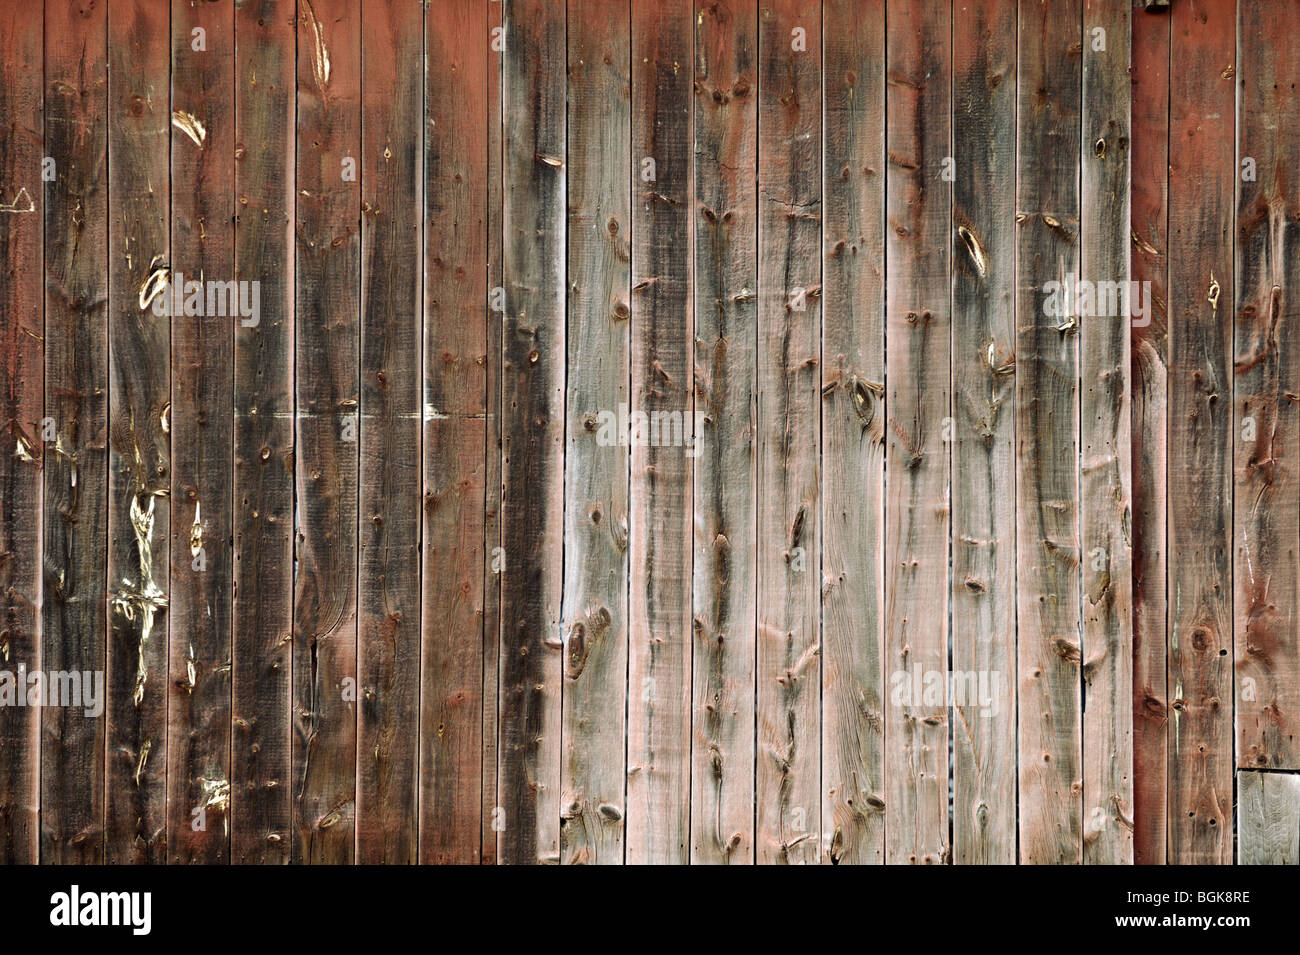 Grunge verwitterte Holzbretter Hintergrund Textur Stockbild